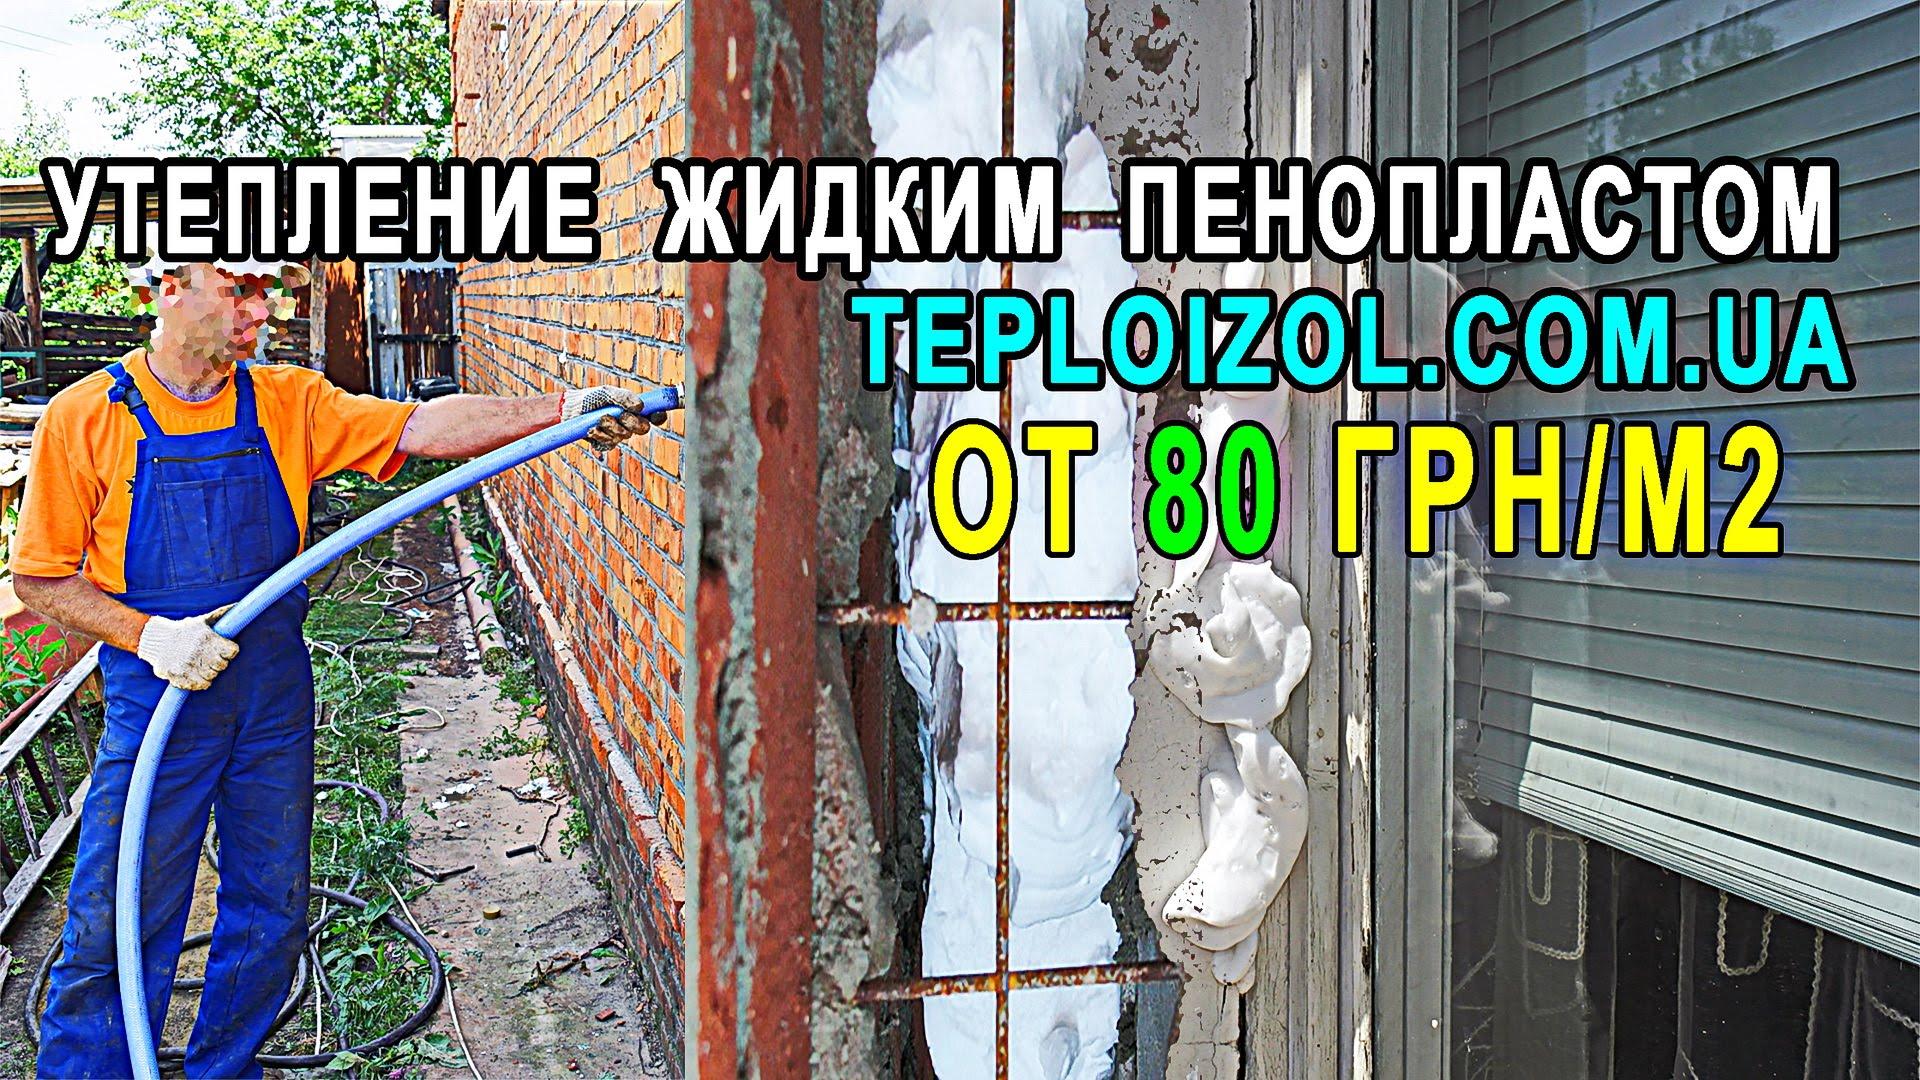 Kak-vypolnjaetsja-uteplenie-domov-zhidkim-penoplastom14.jpg